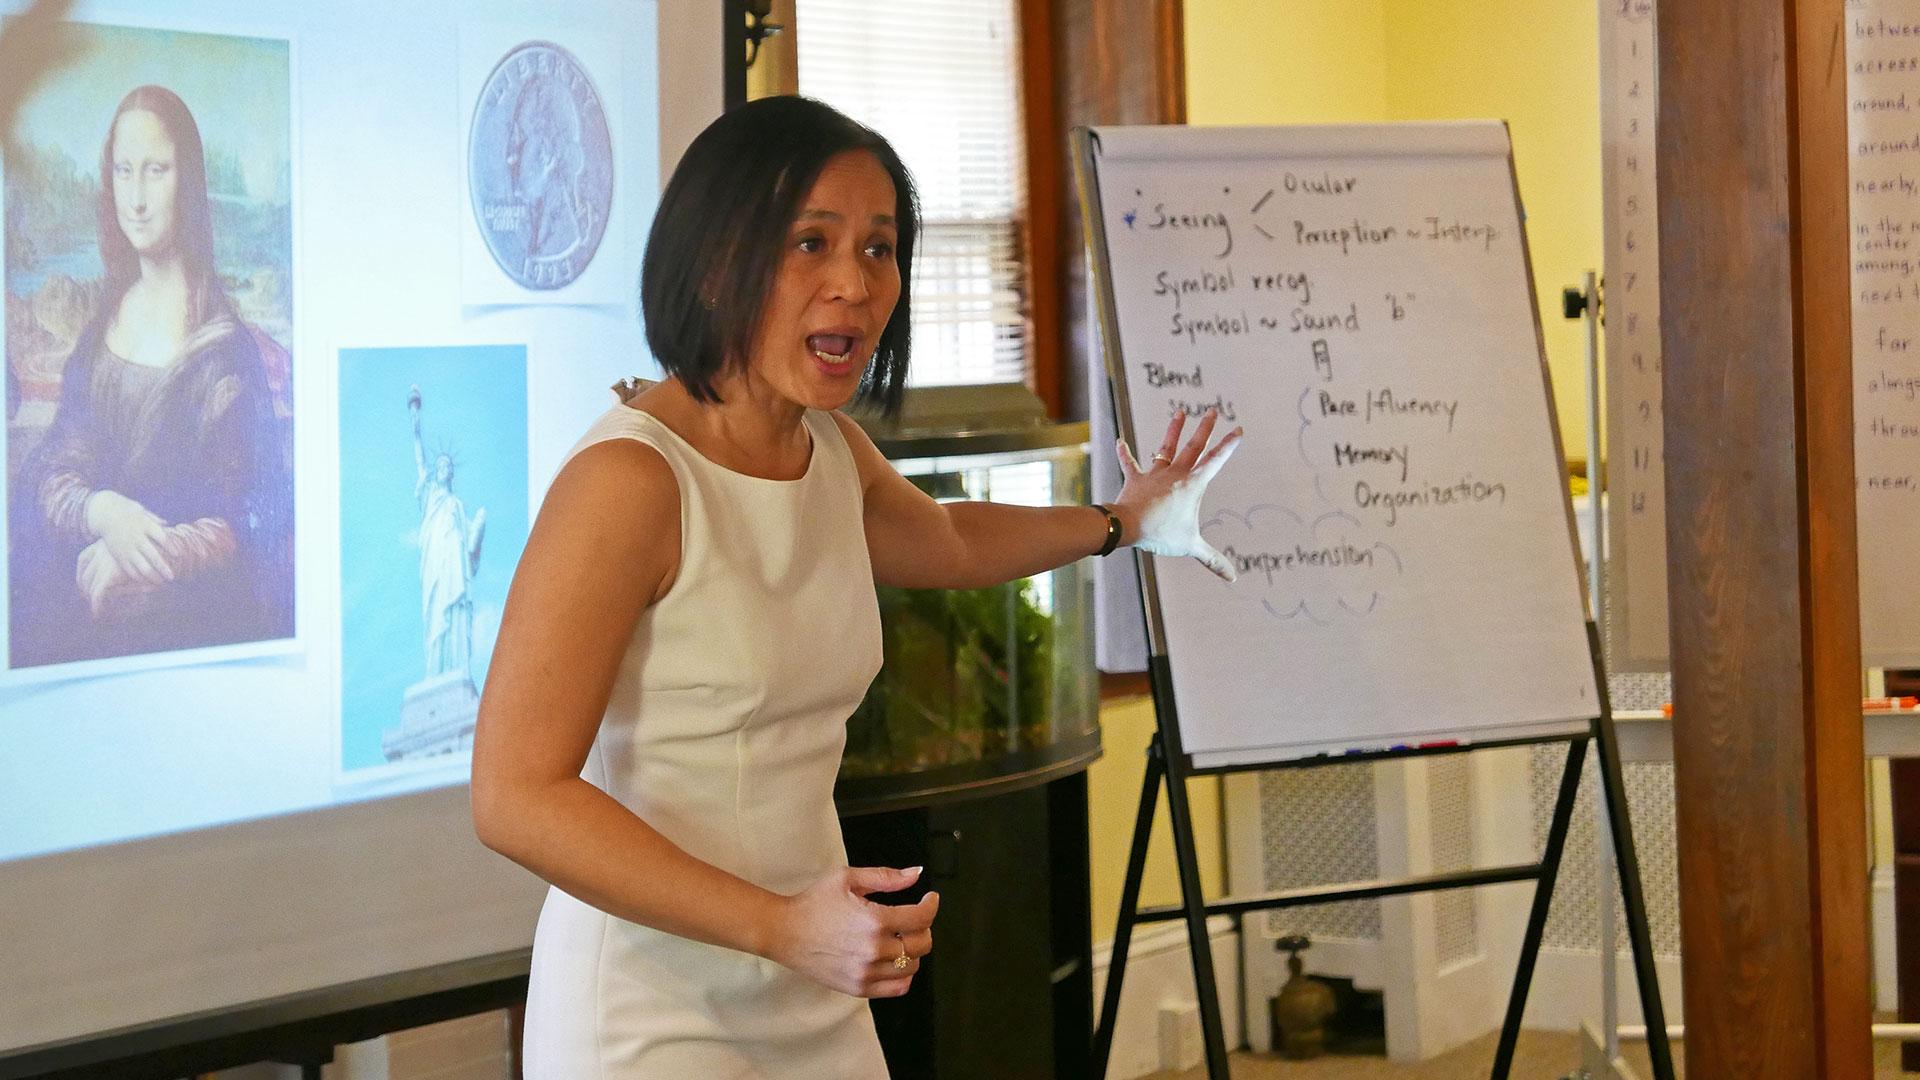 Chantra Reinman lecturing